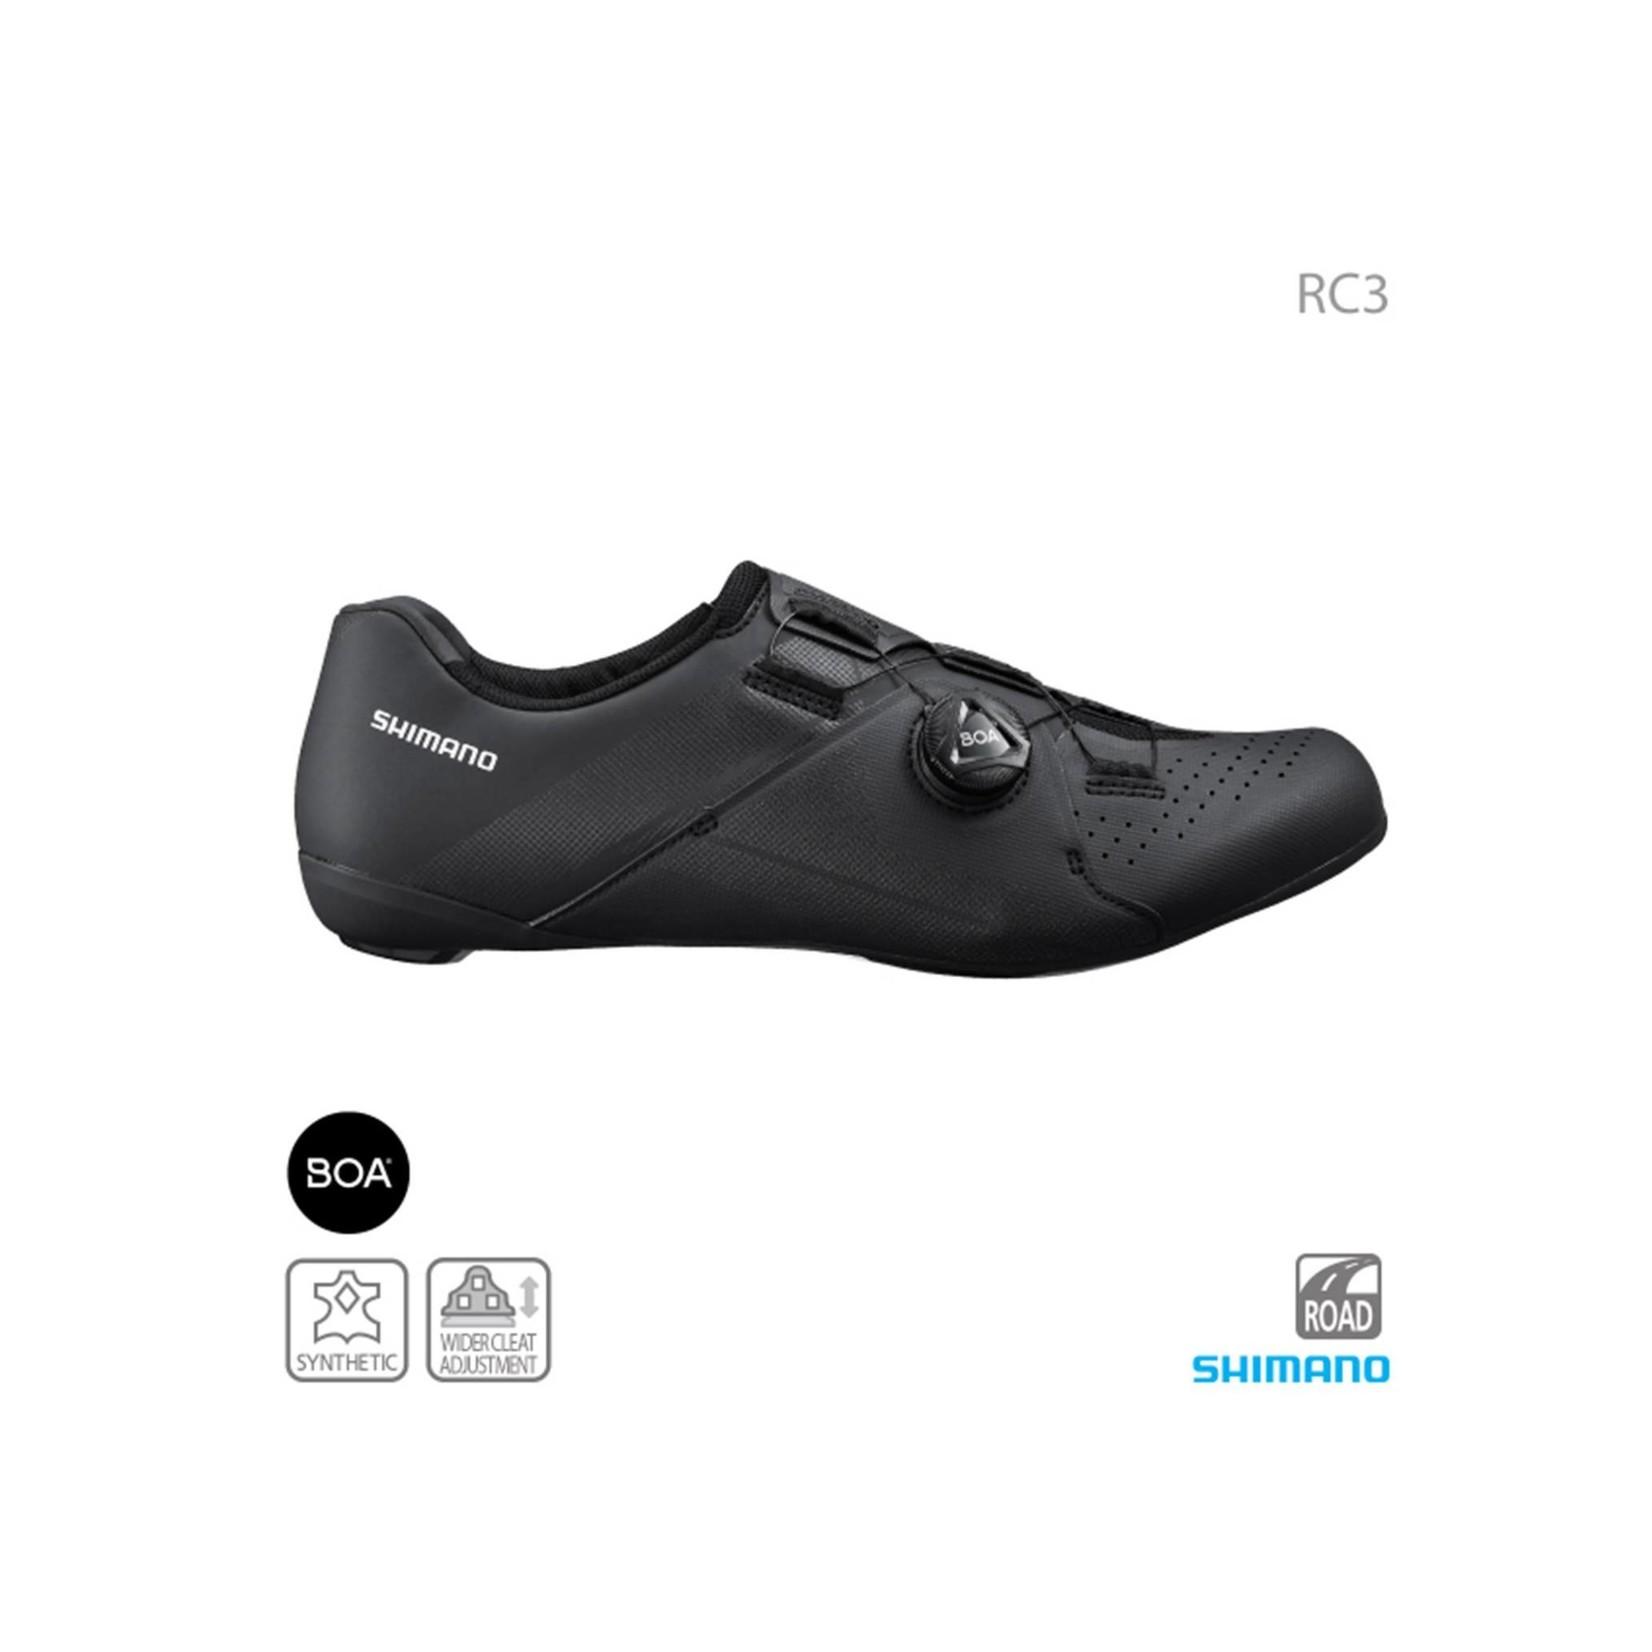 Shimano SH-RC300 Road Shoe MY21